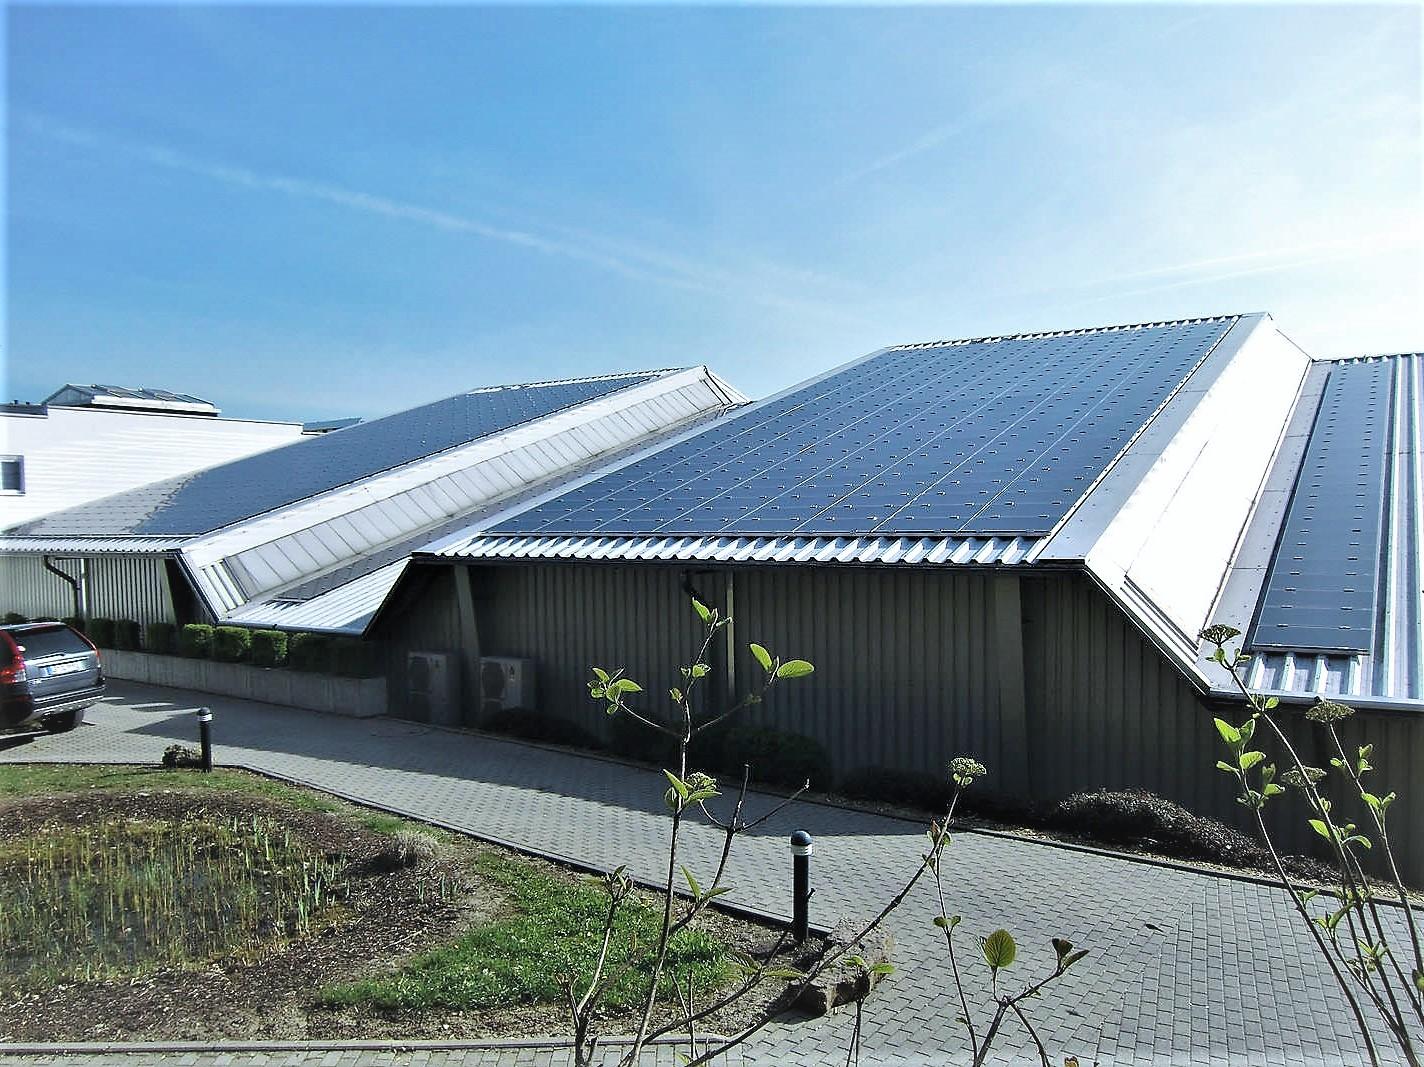 88-WTB Tennishalle 2 Stuttgart 141,12